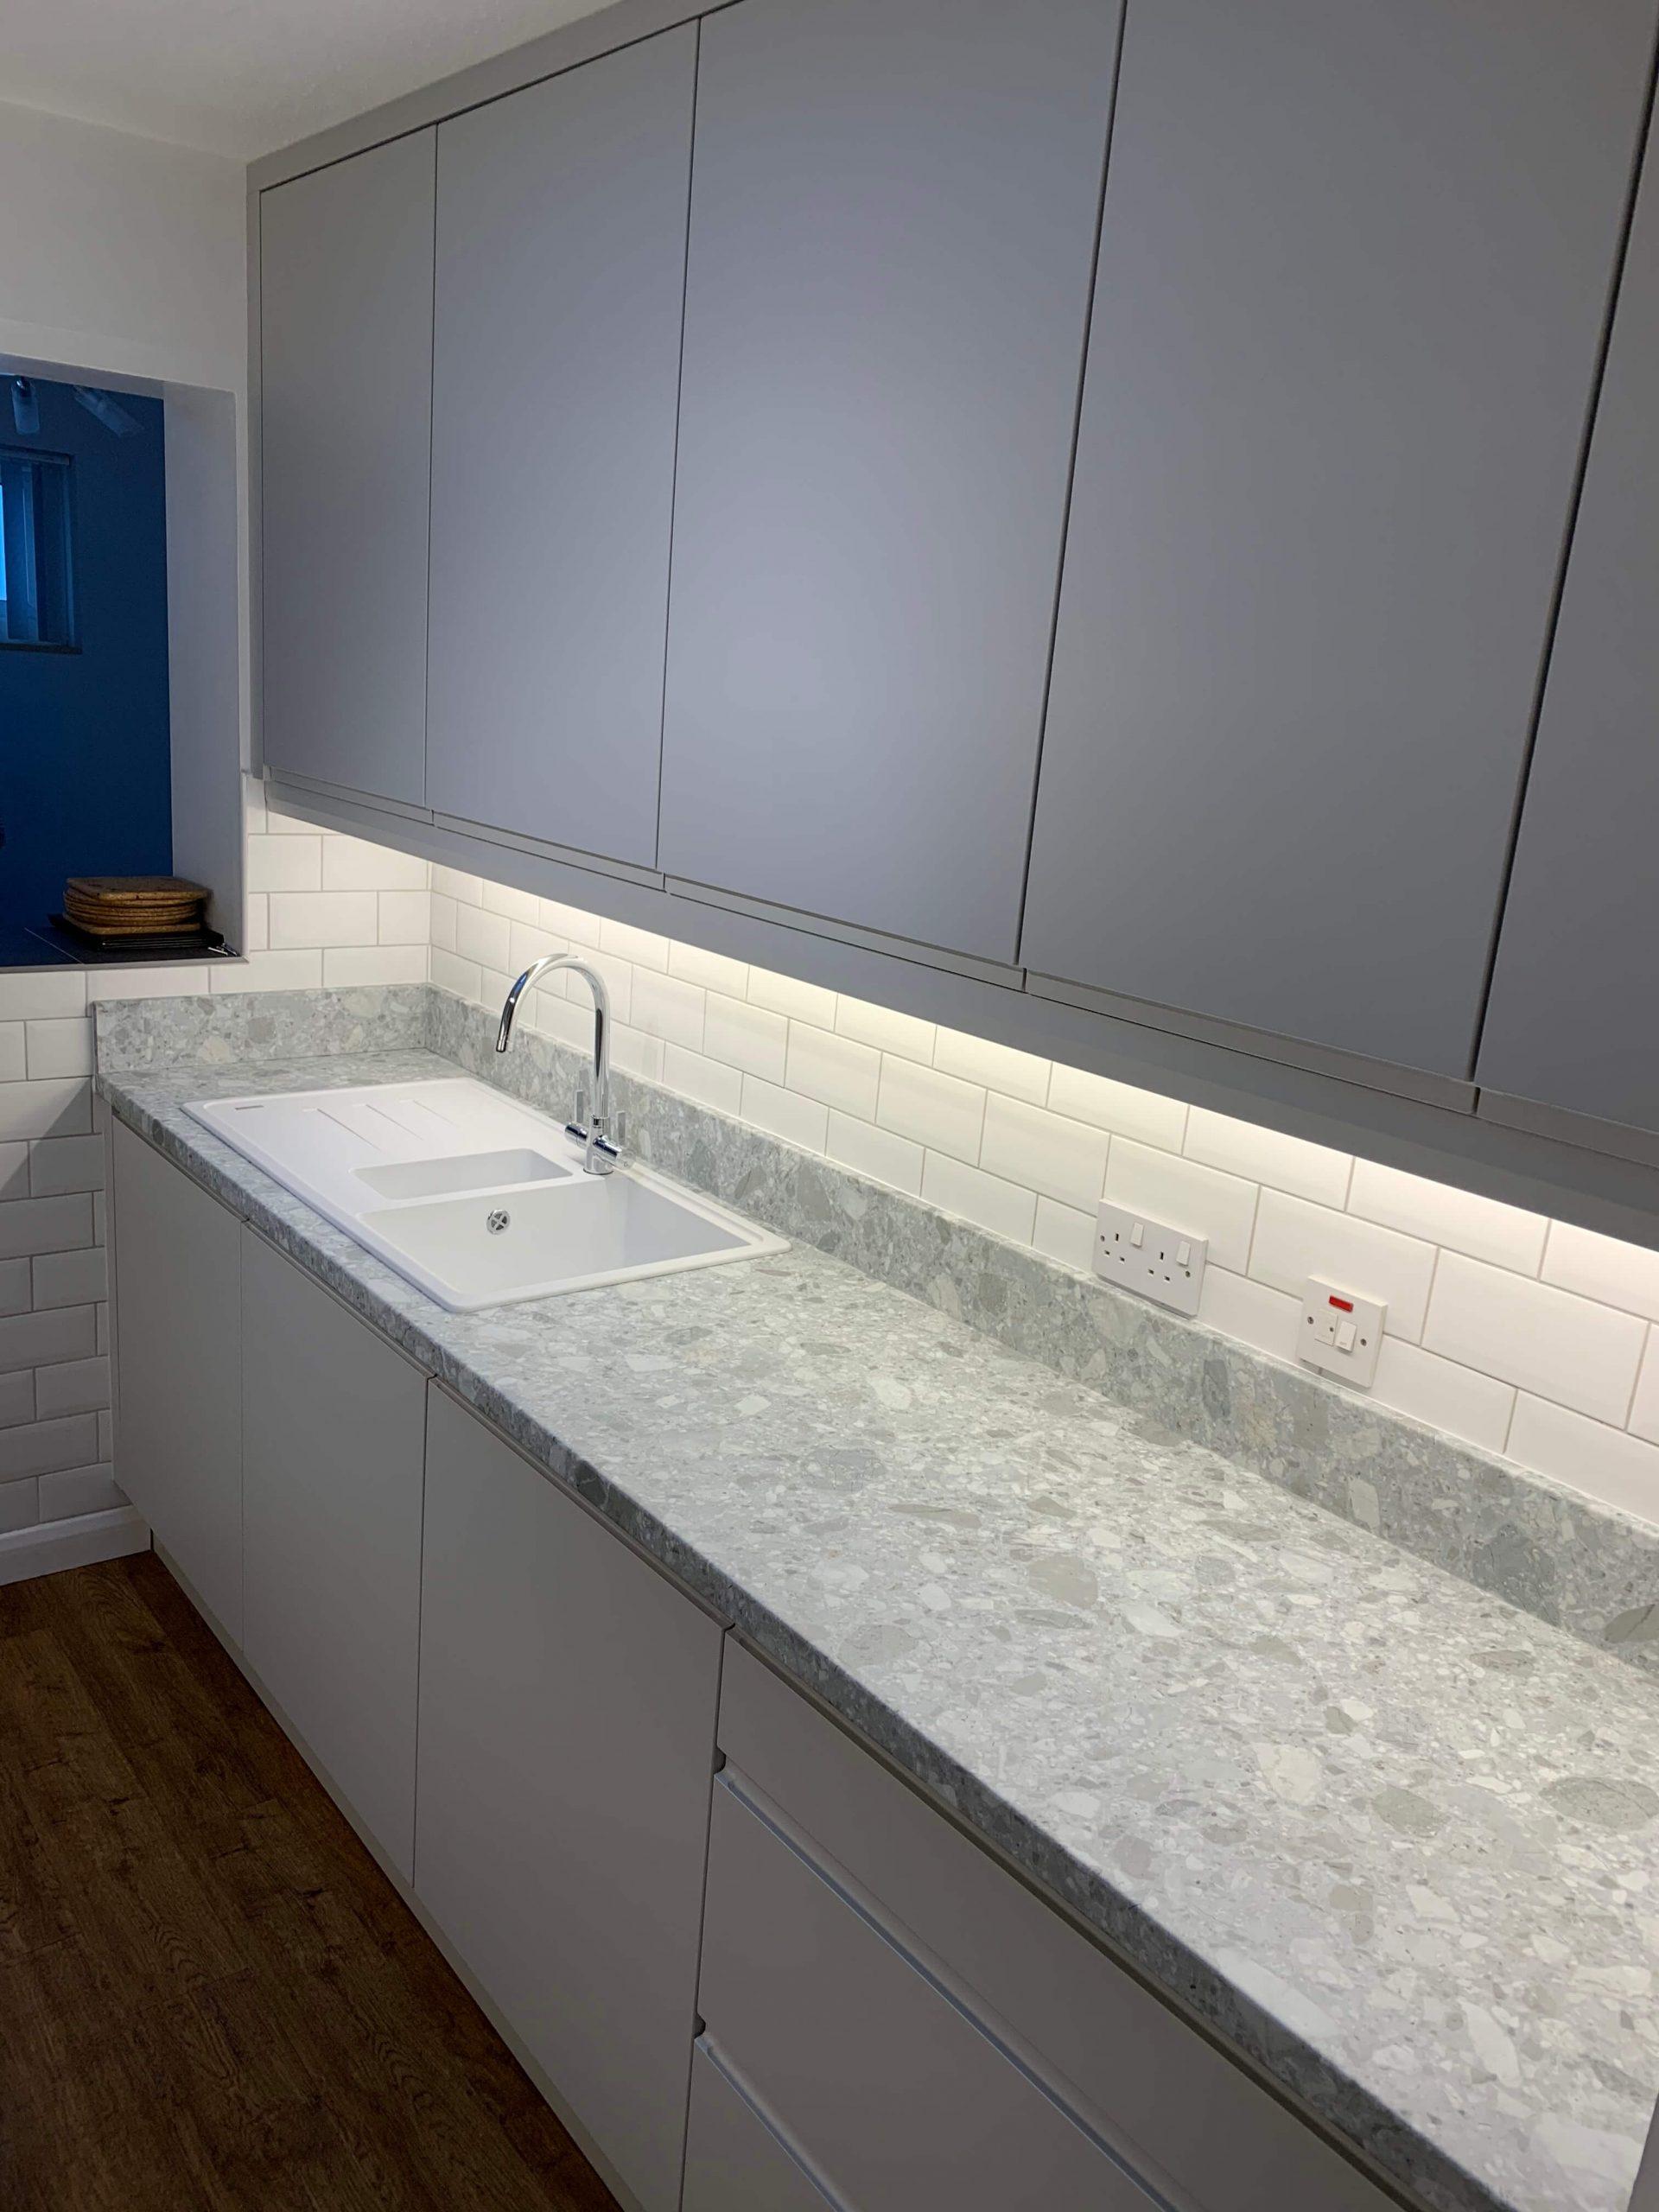 Handless Galley Kitchen Sink Run